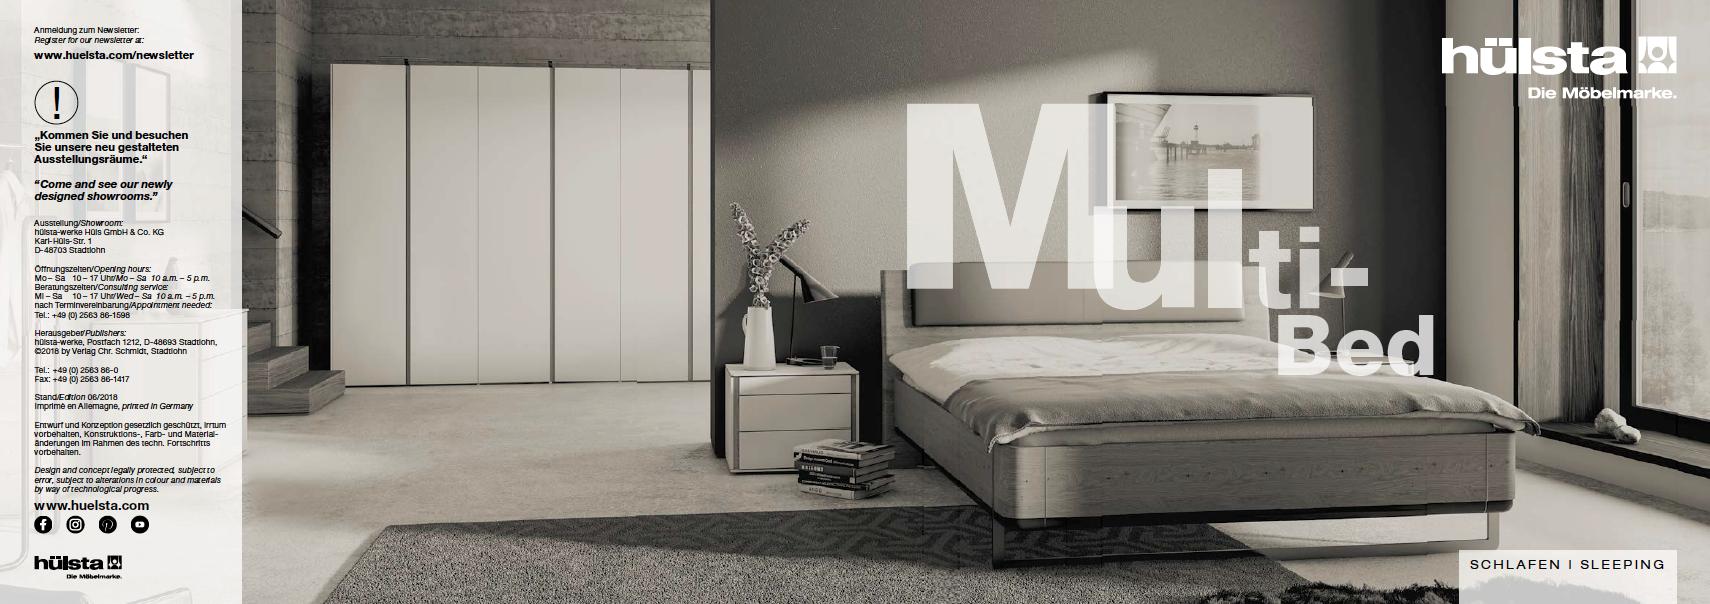 Hülsta Multi-Bed Broschüre